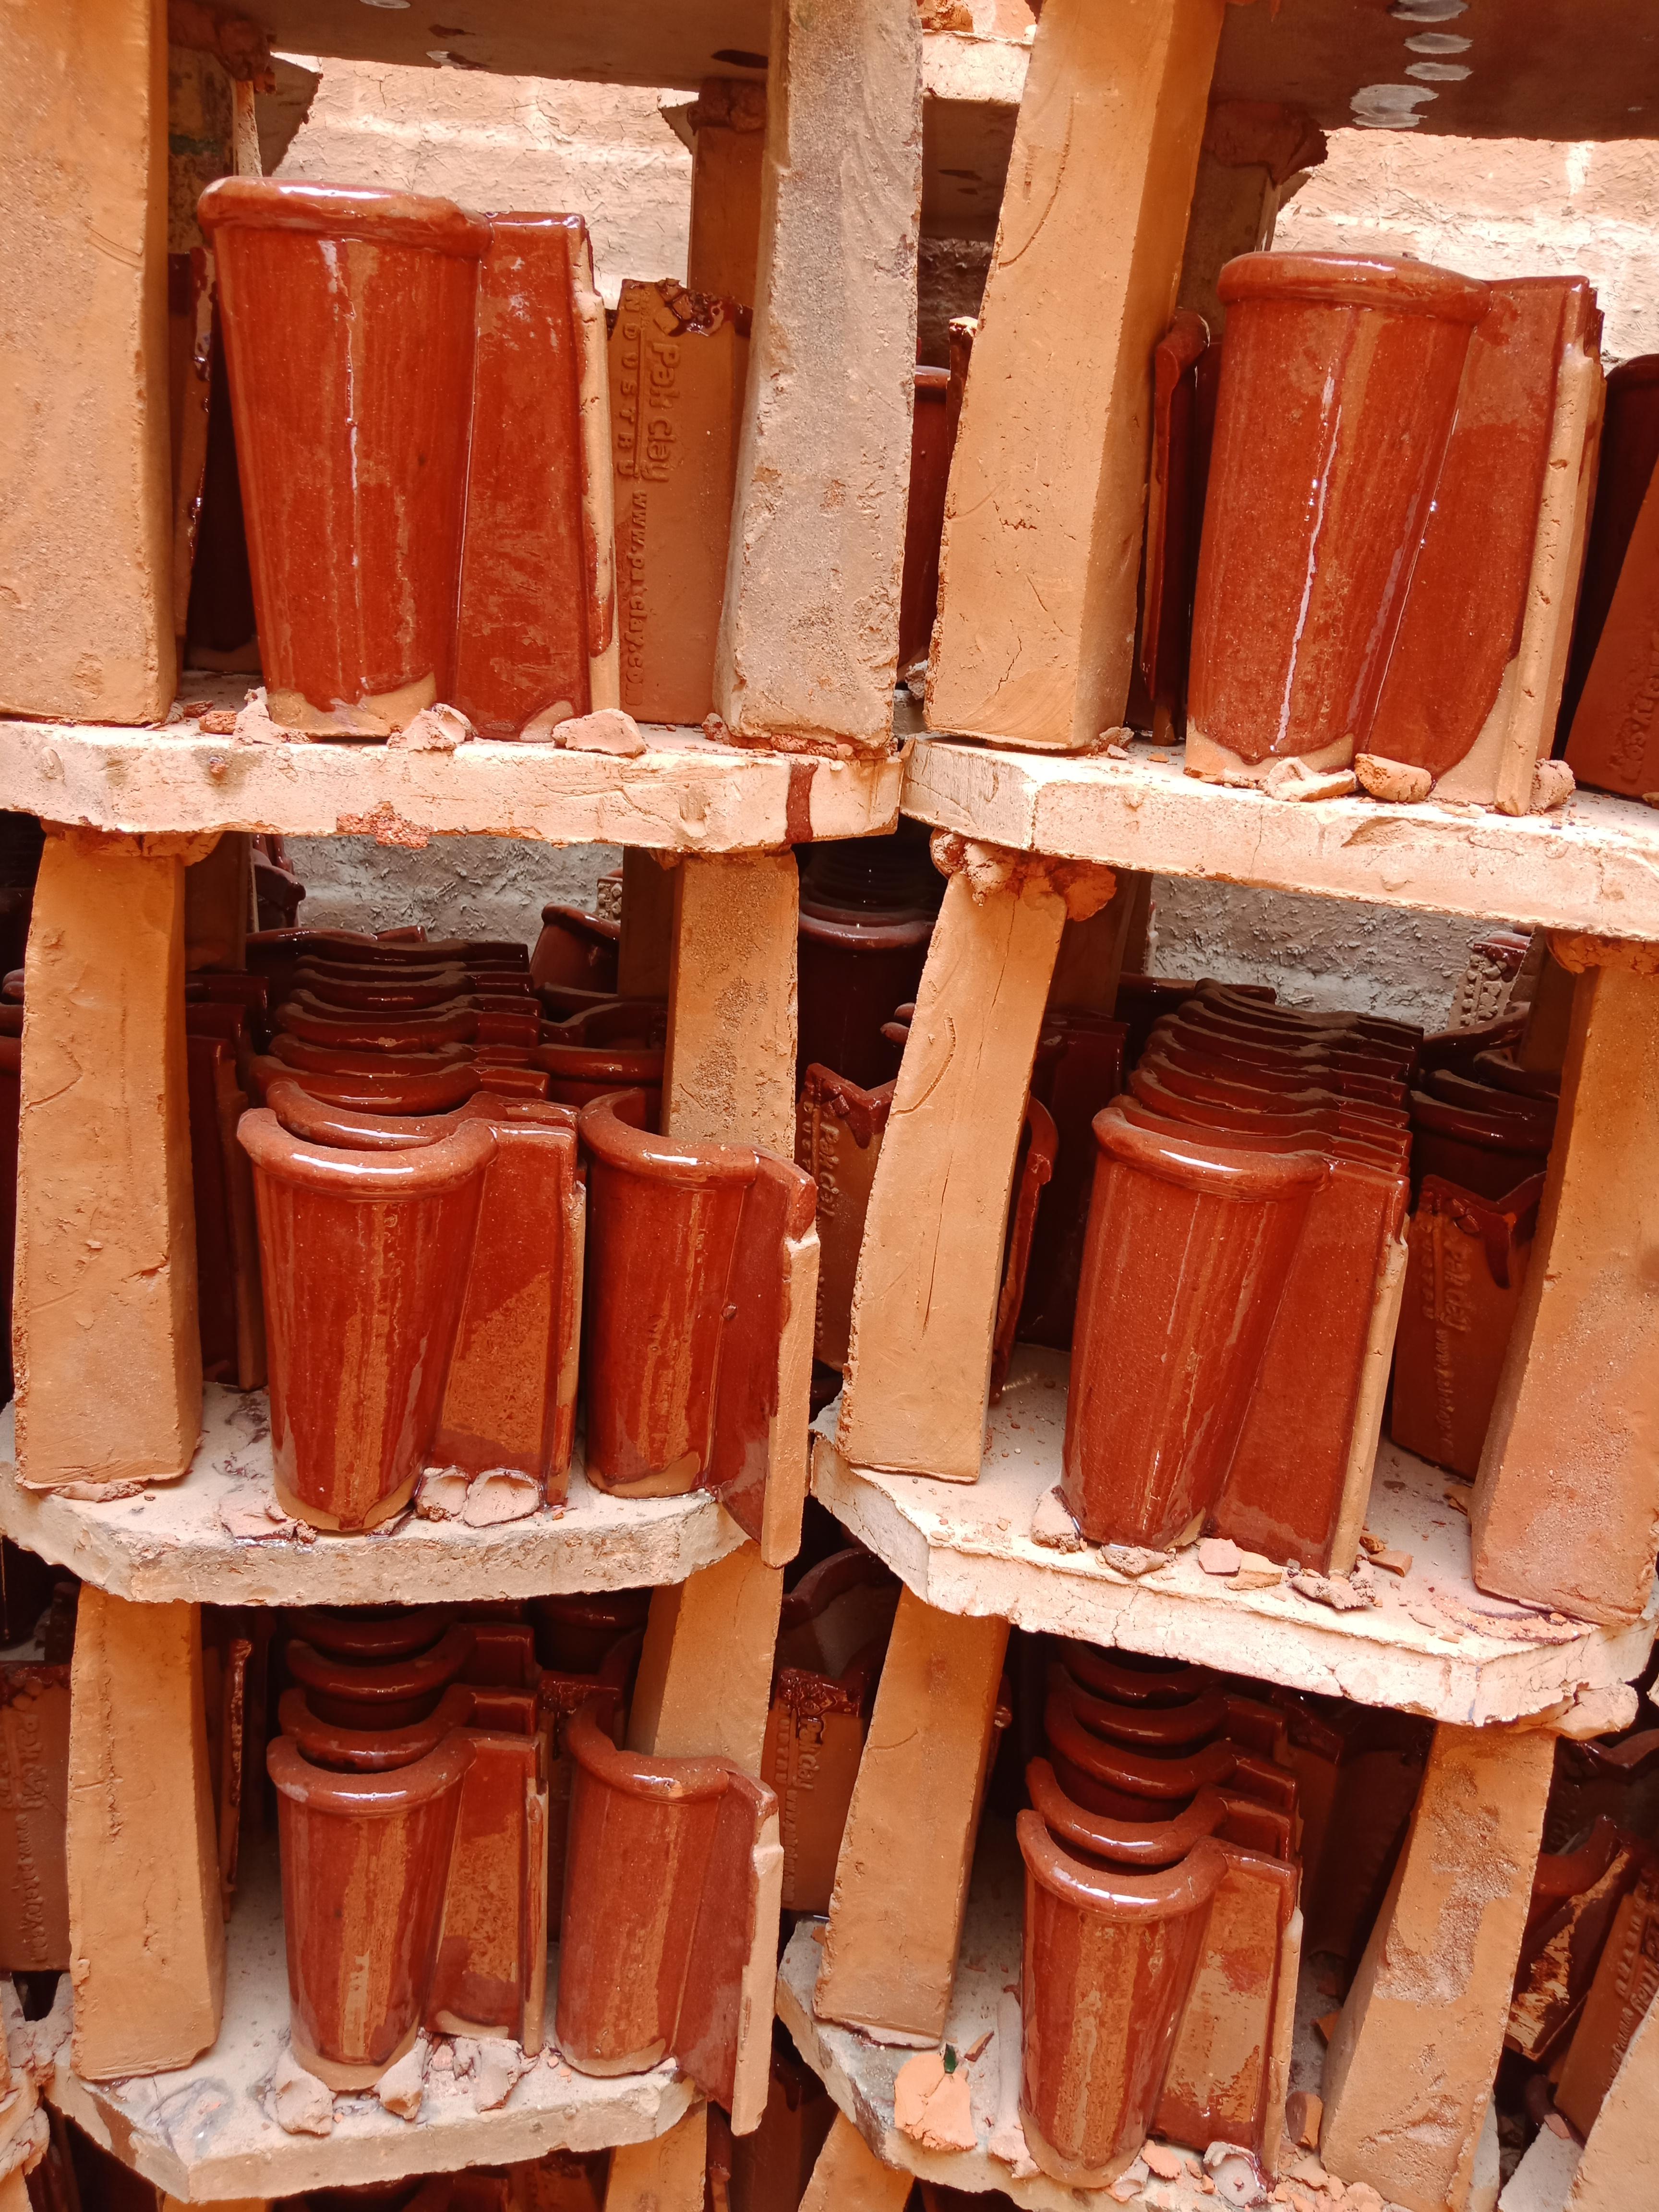 6 Khaprail Tiles Manufacturers Khaprail Tiles in Karachi Clay Tiles Pakistan Images.